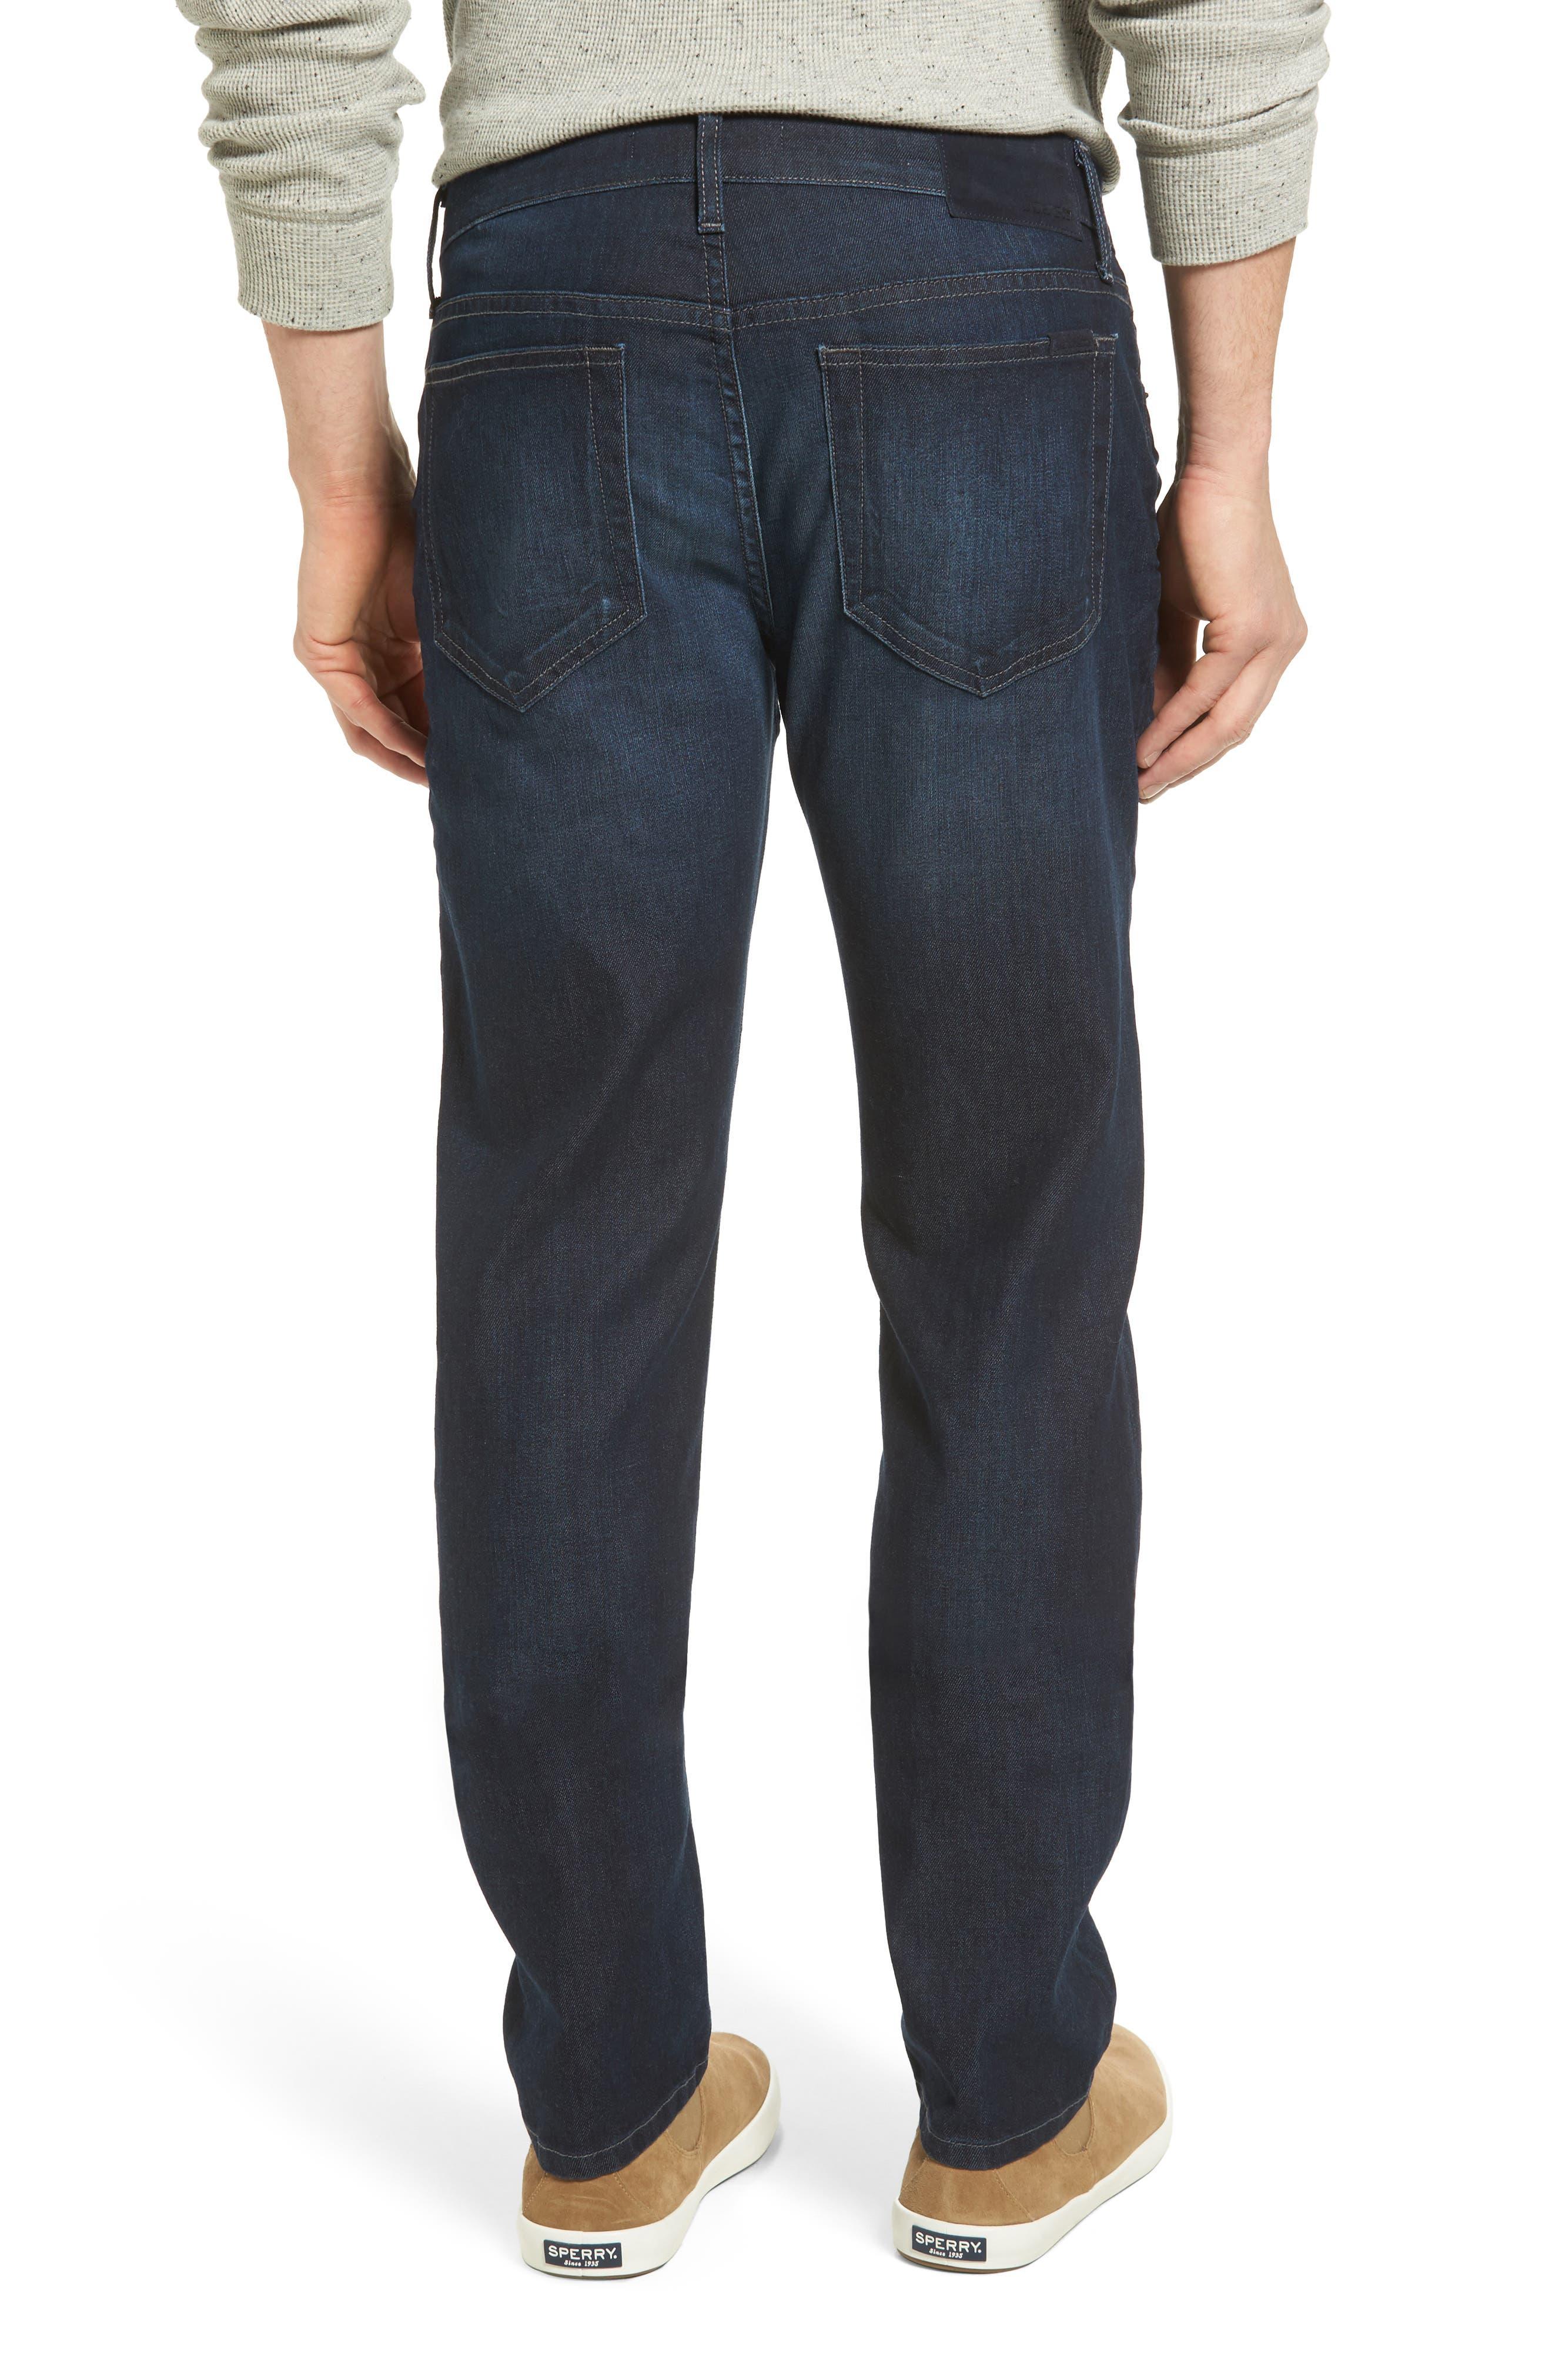 Brixton Slim Straight Leg Jeans,                             Alternate thumbnail 2, color,                             Guest